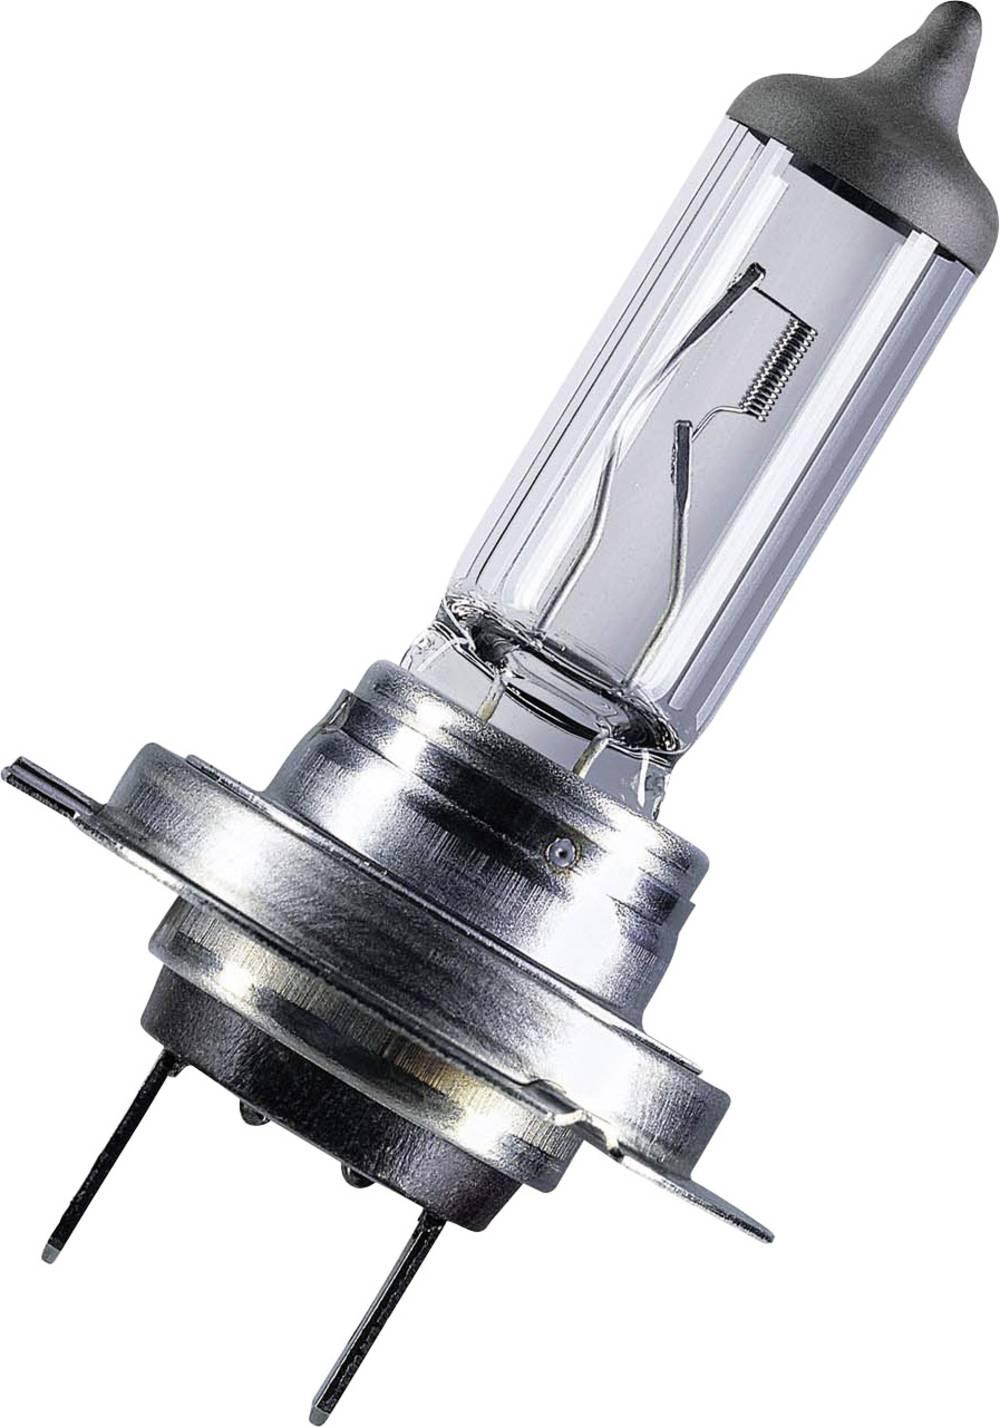 Avtomobilska standardna halogenska žarnica Osram H7 12 V 1 kos, PX26d